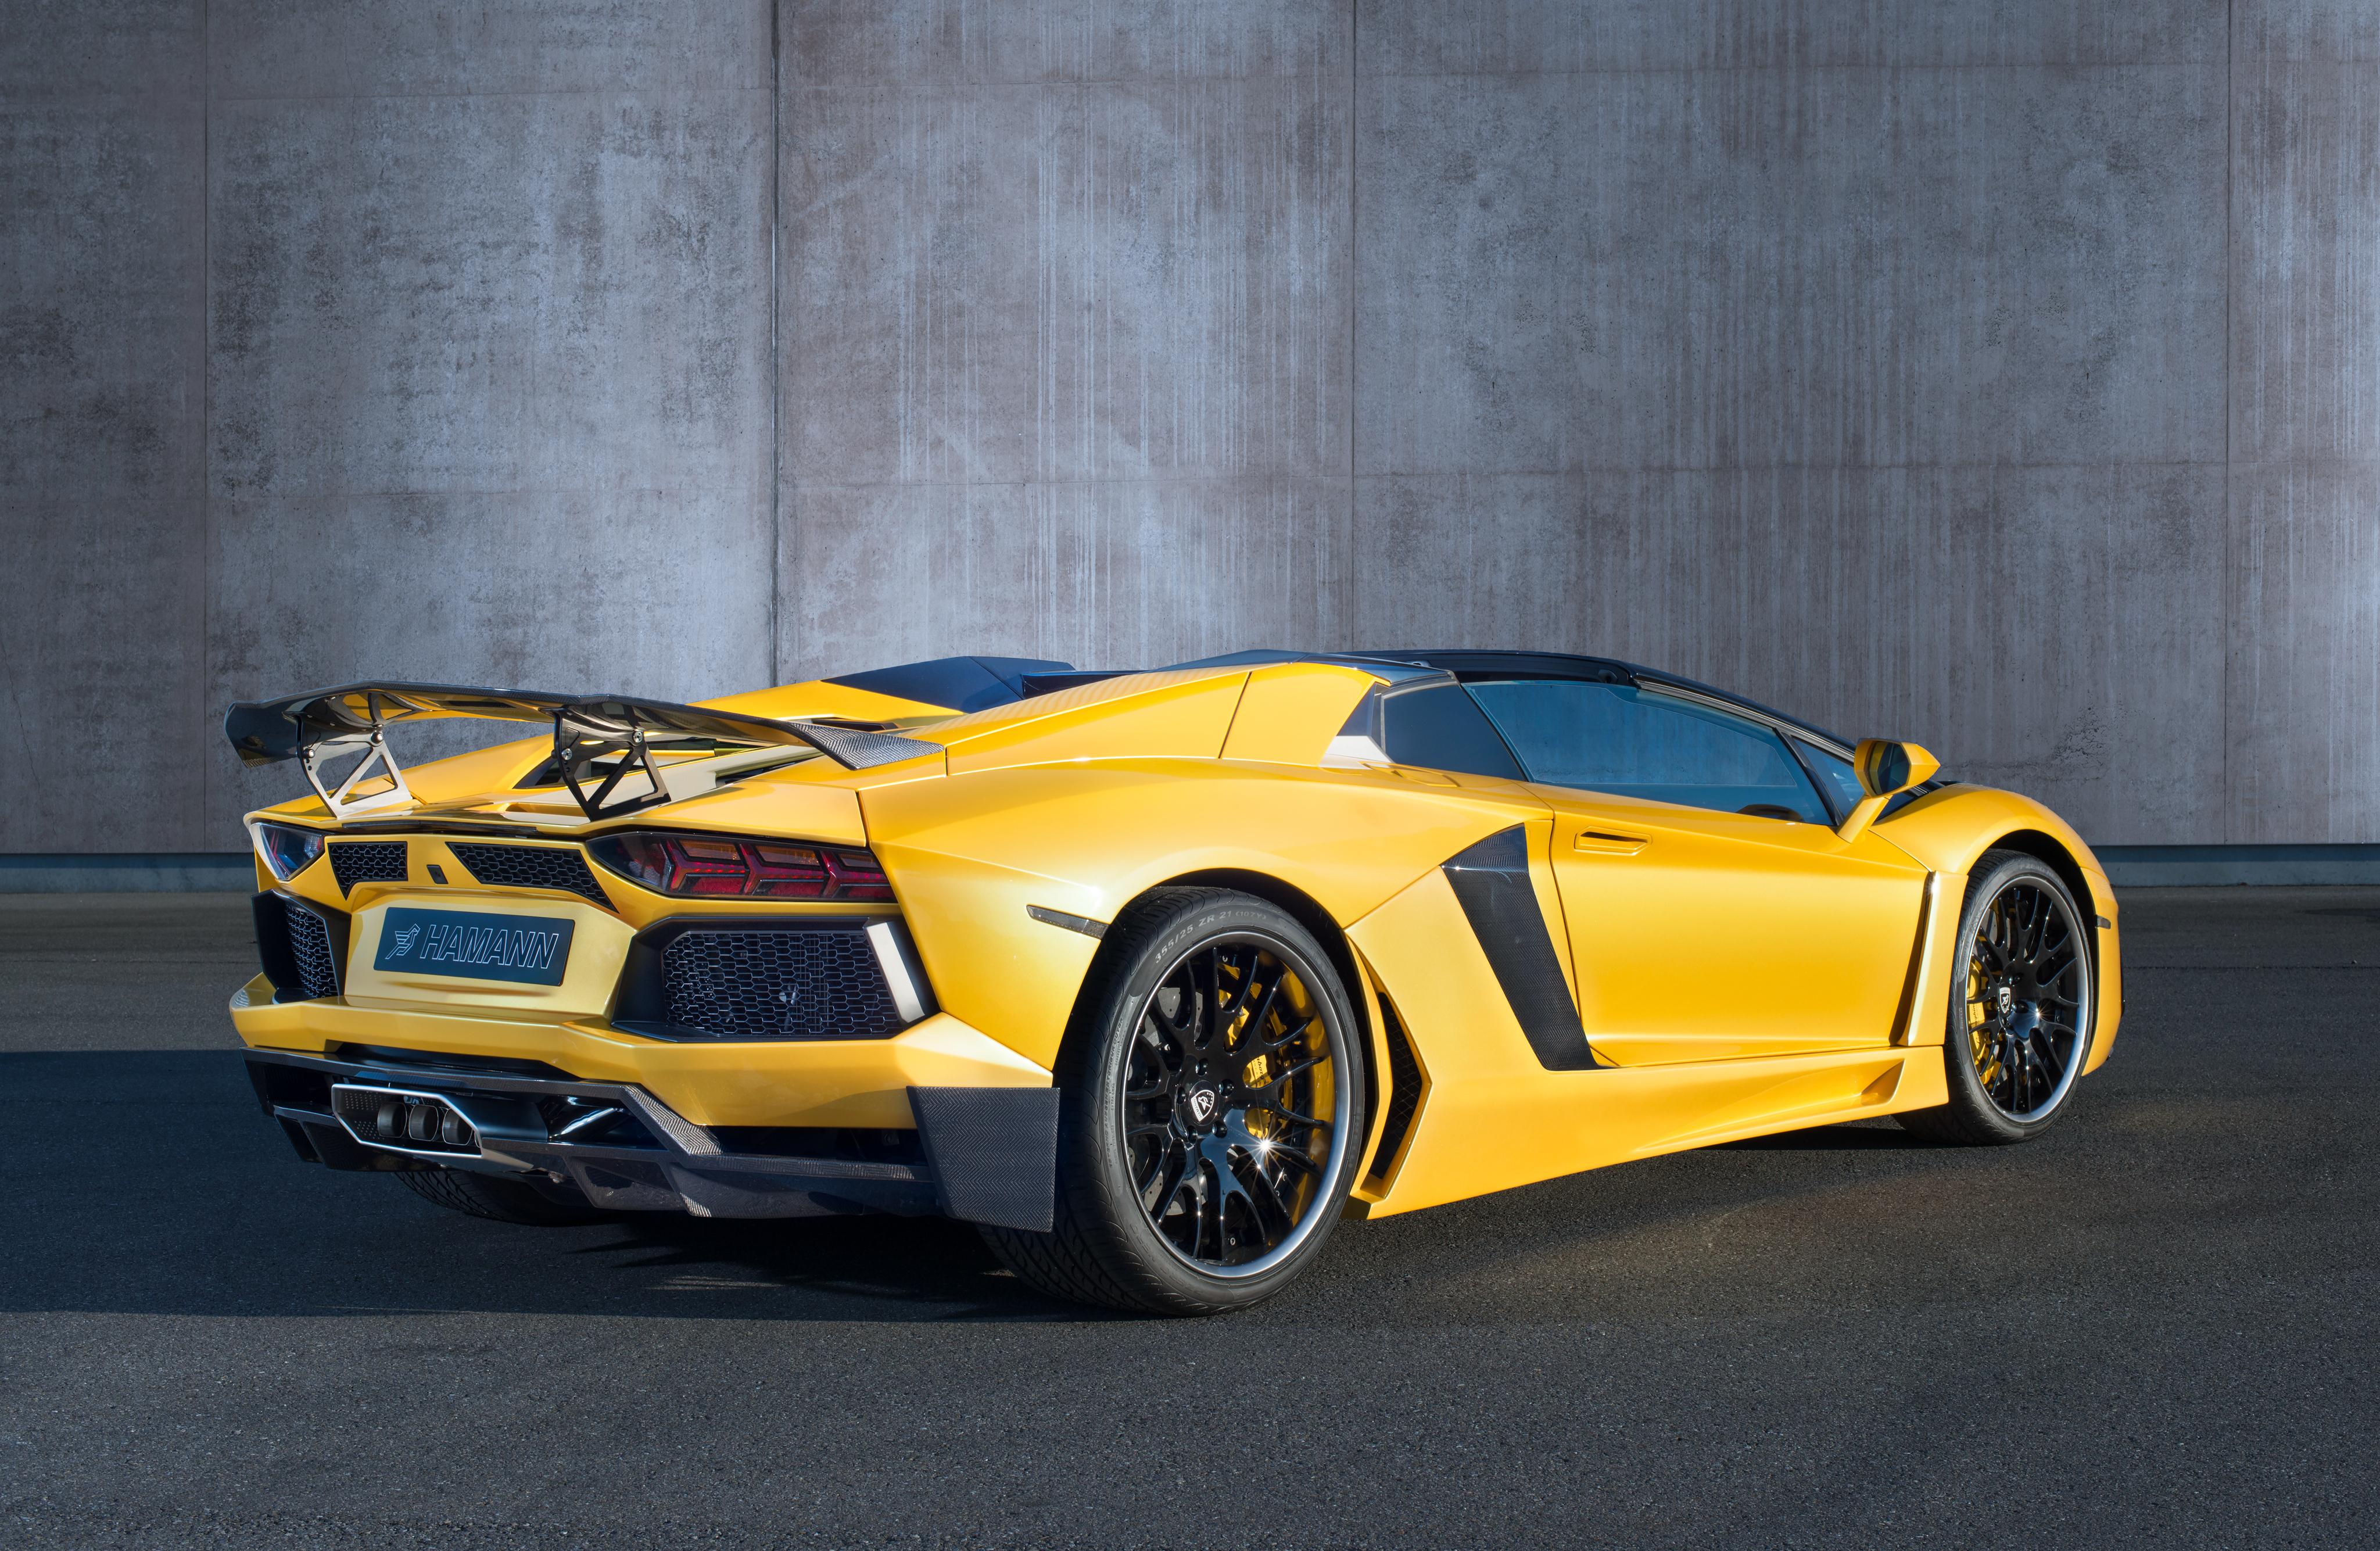 Картинка Ламборгини Hamann Aventador Roadster Limited LB834 Родстер дорогой Желтый вид сзади Автомобили 4096x2669 Lamborghini дорогие дорогая люксовые роскошная Роскошные роскошный желтых желтые желтая авто Сзади машина машины автомобиль